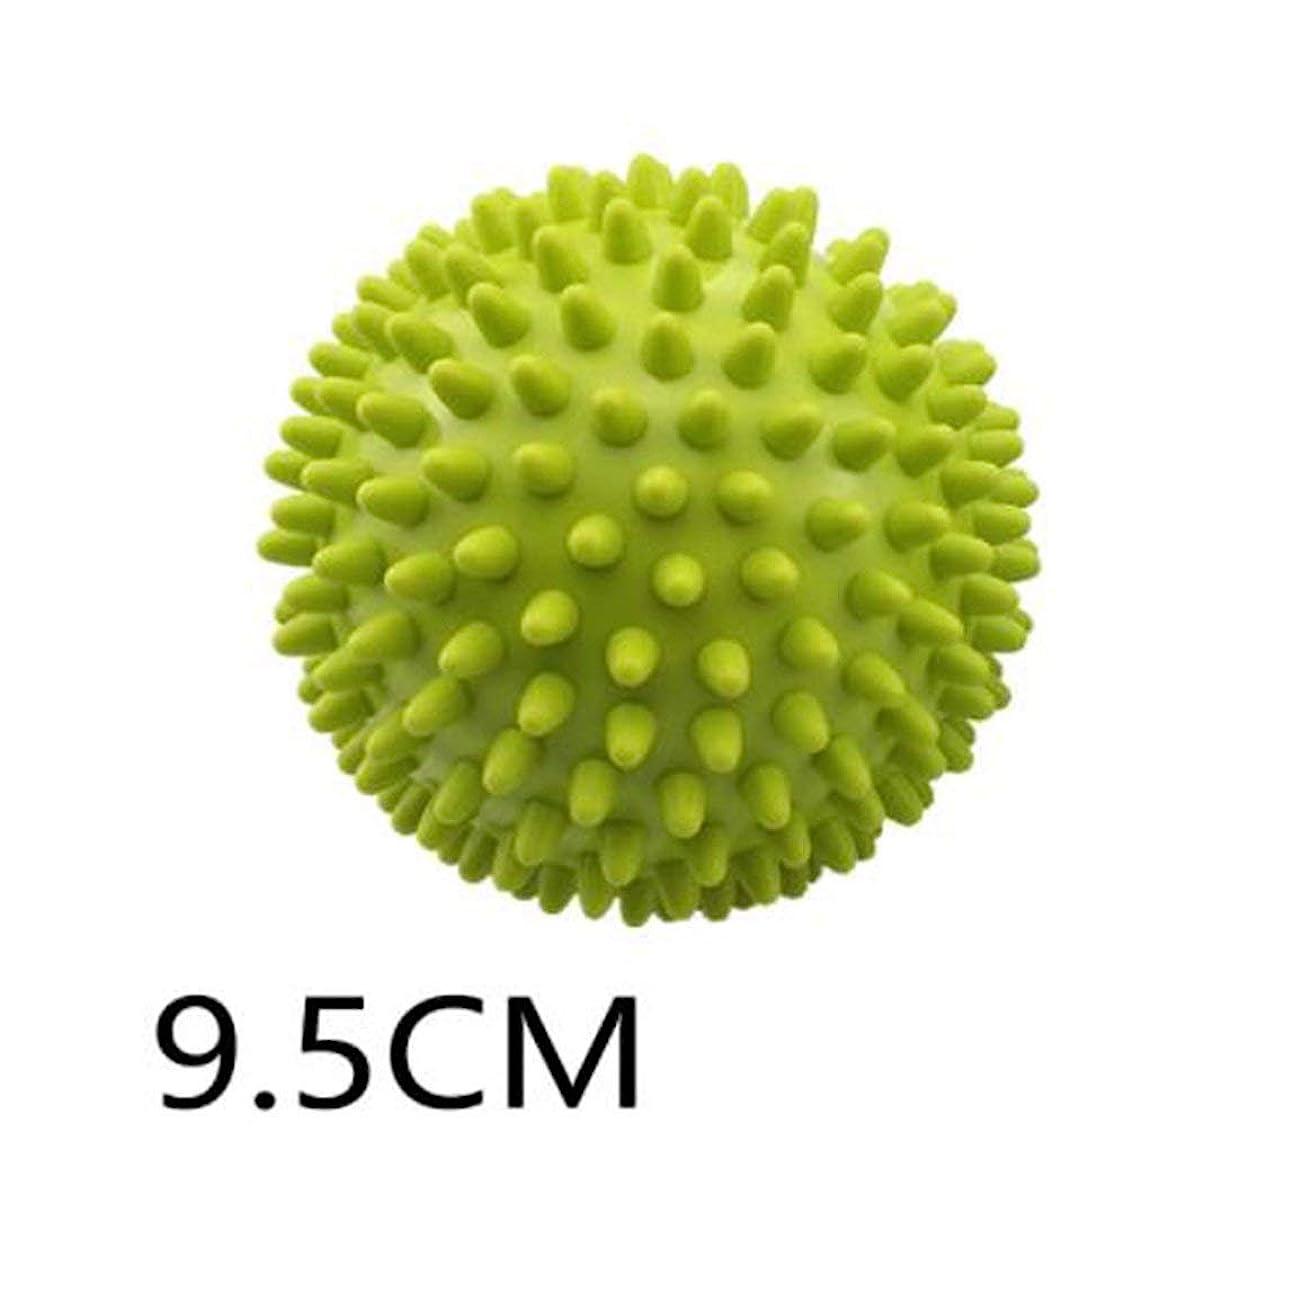 圧縮された普通の意外とげのボール - グリーン